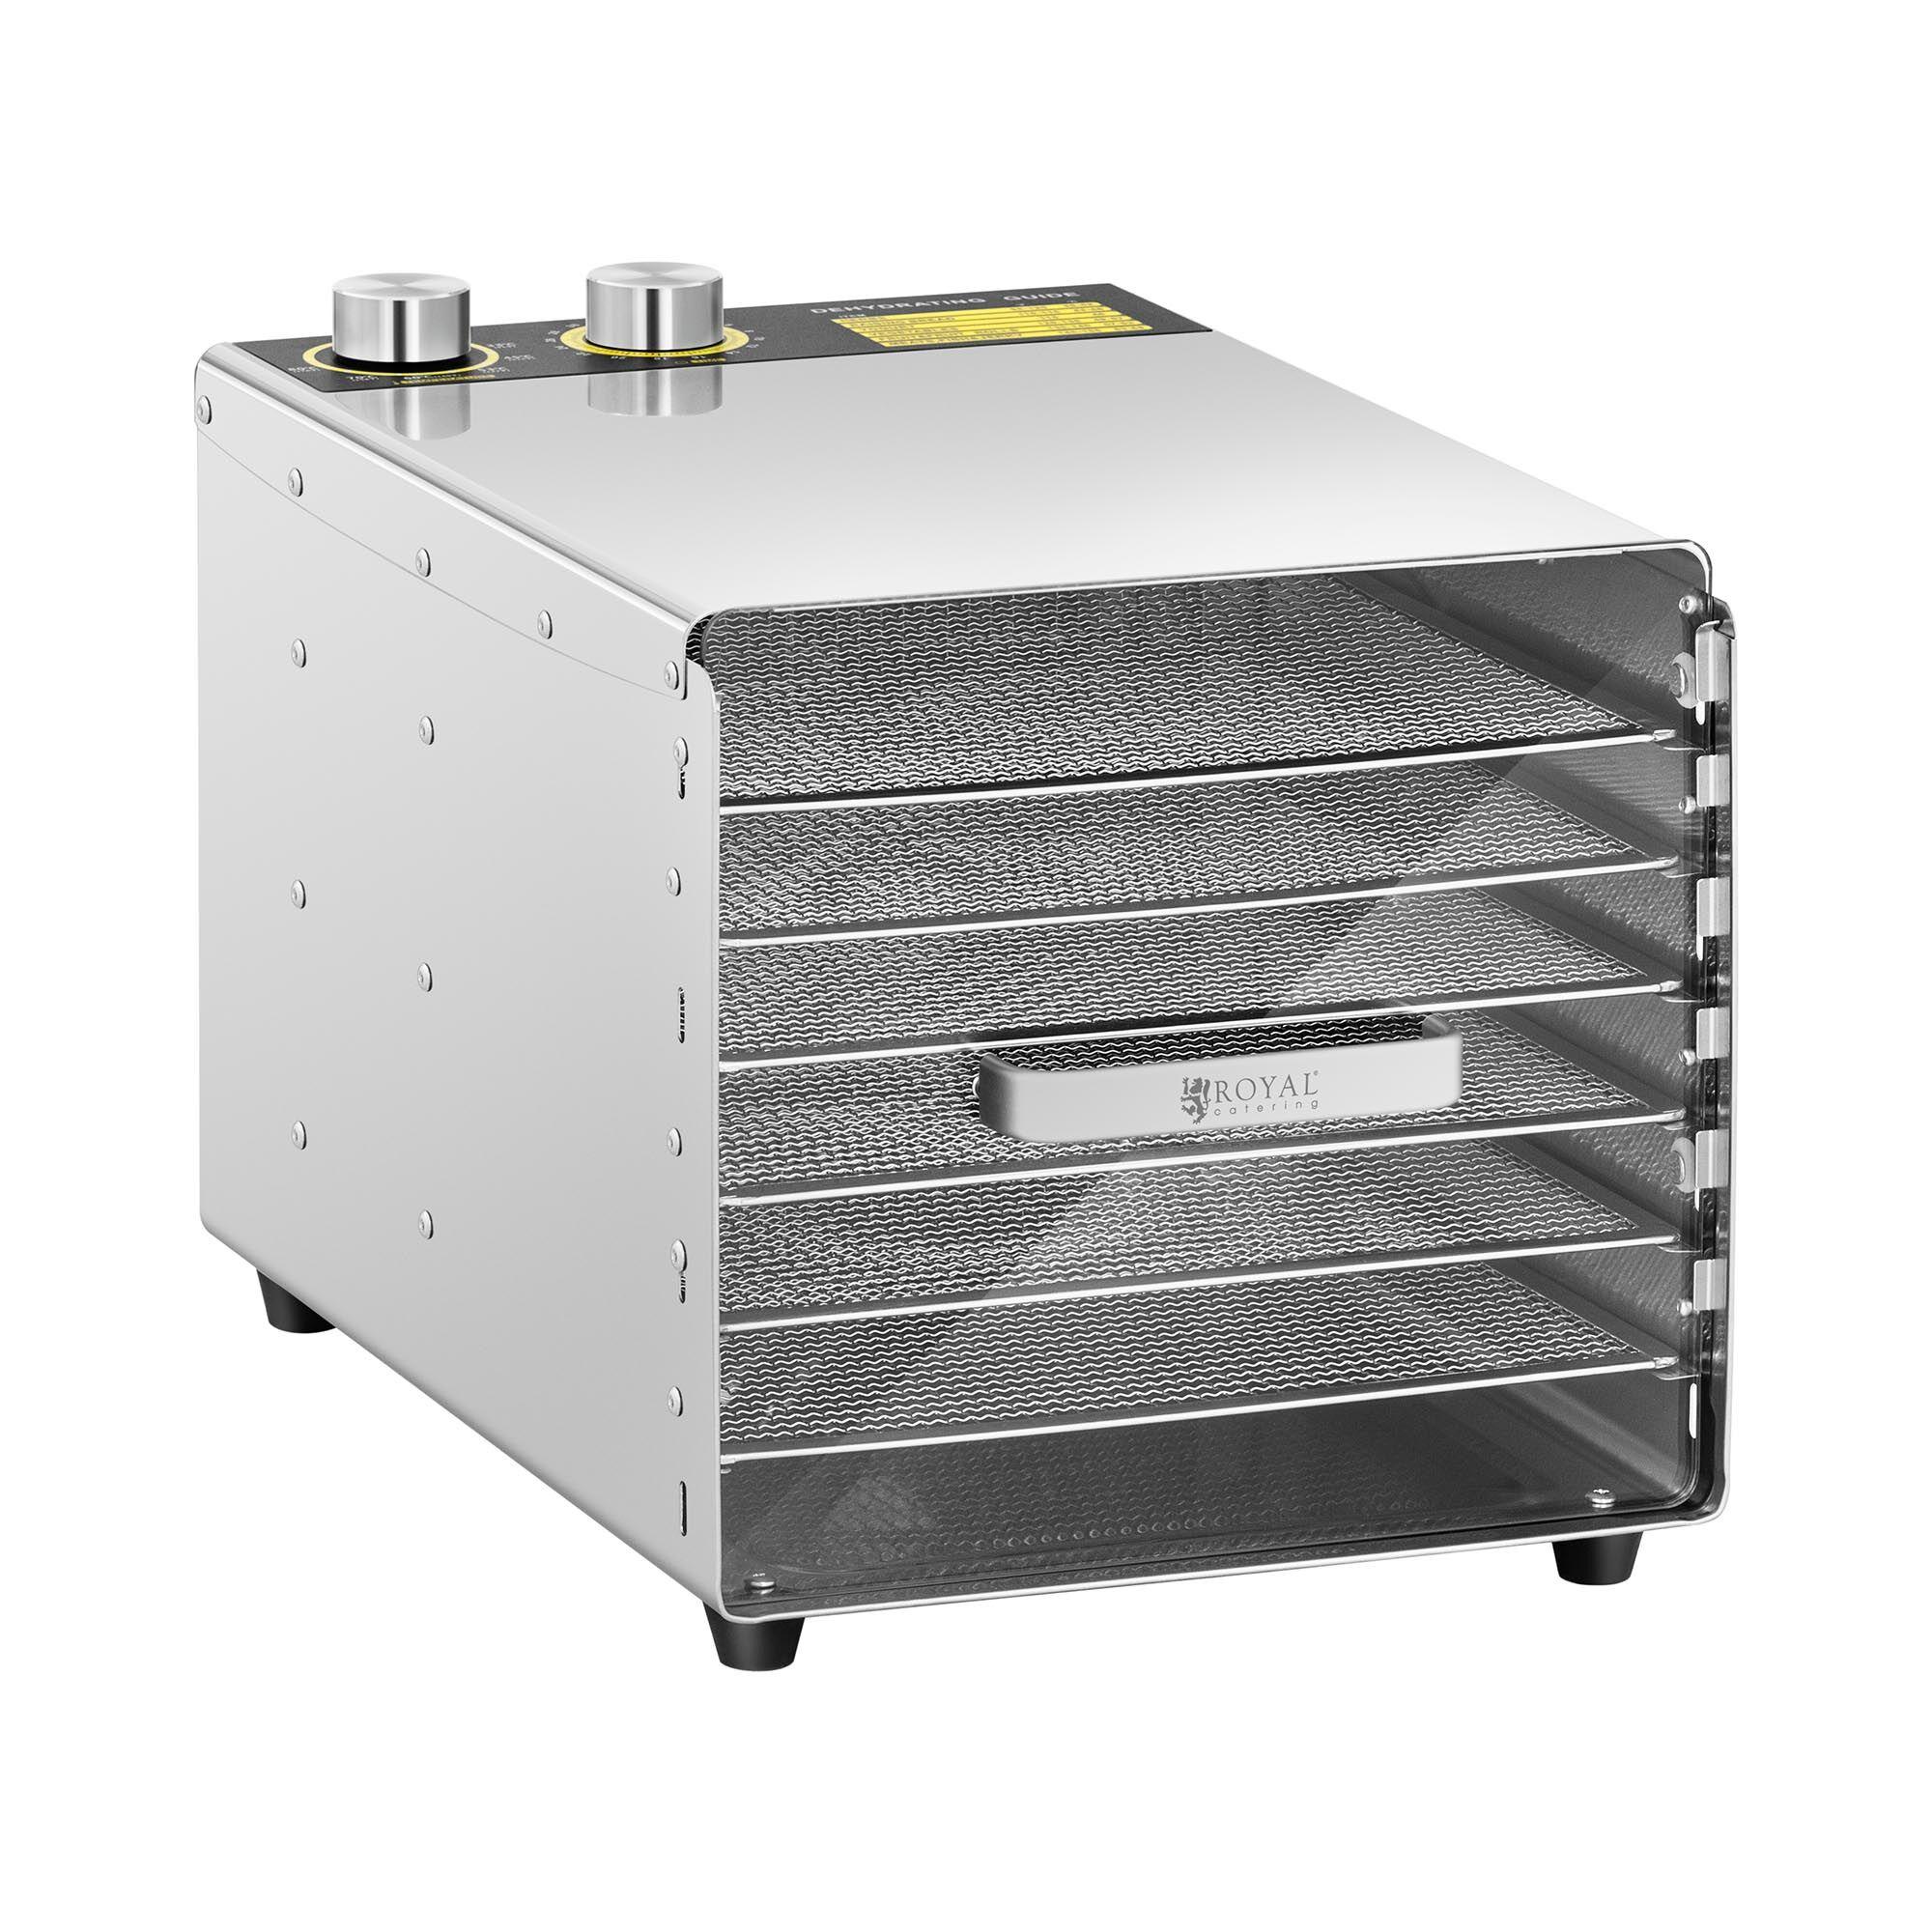 royal catering essiccatore per alimenti professionale - 500 w - 6 ripiani